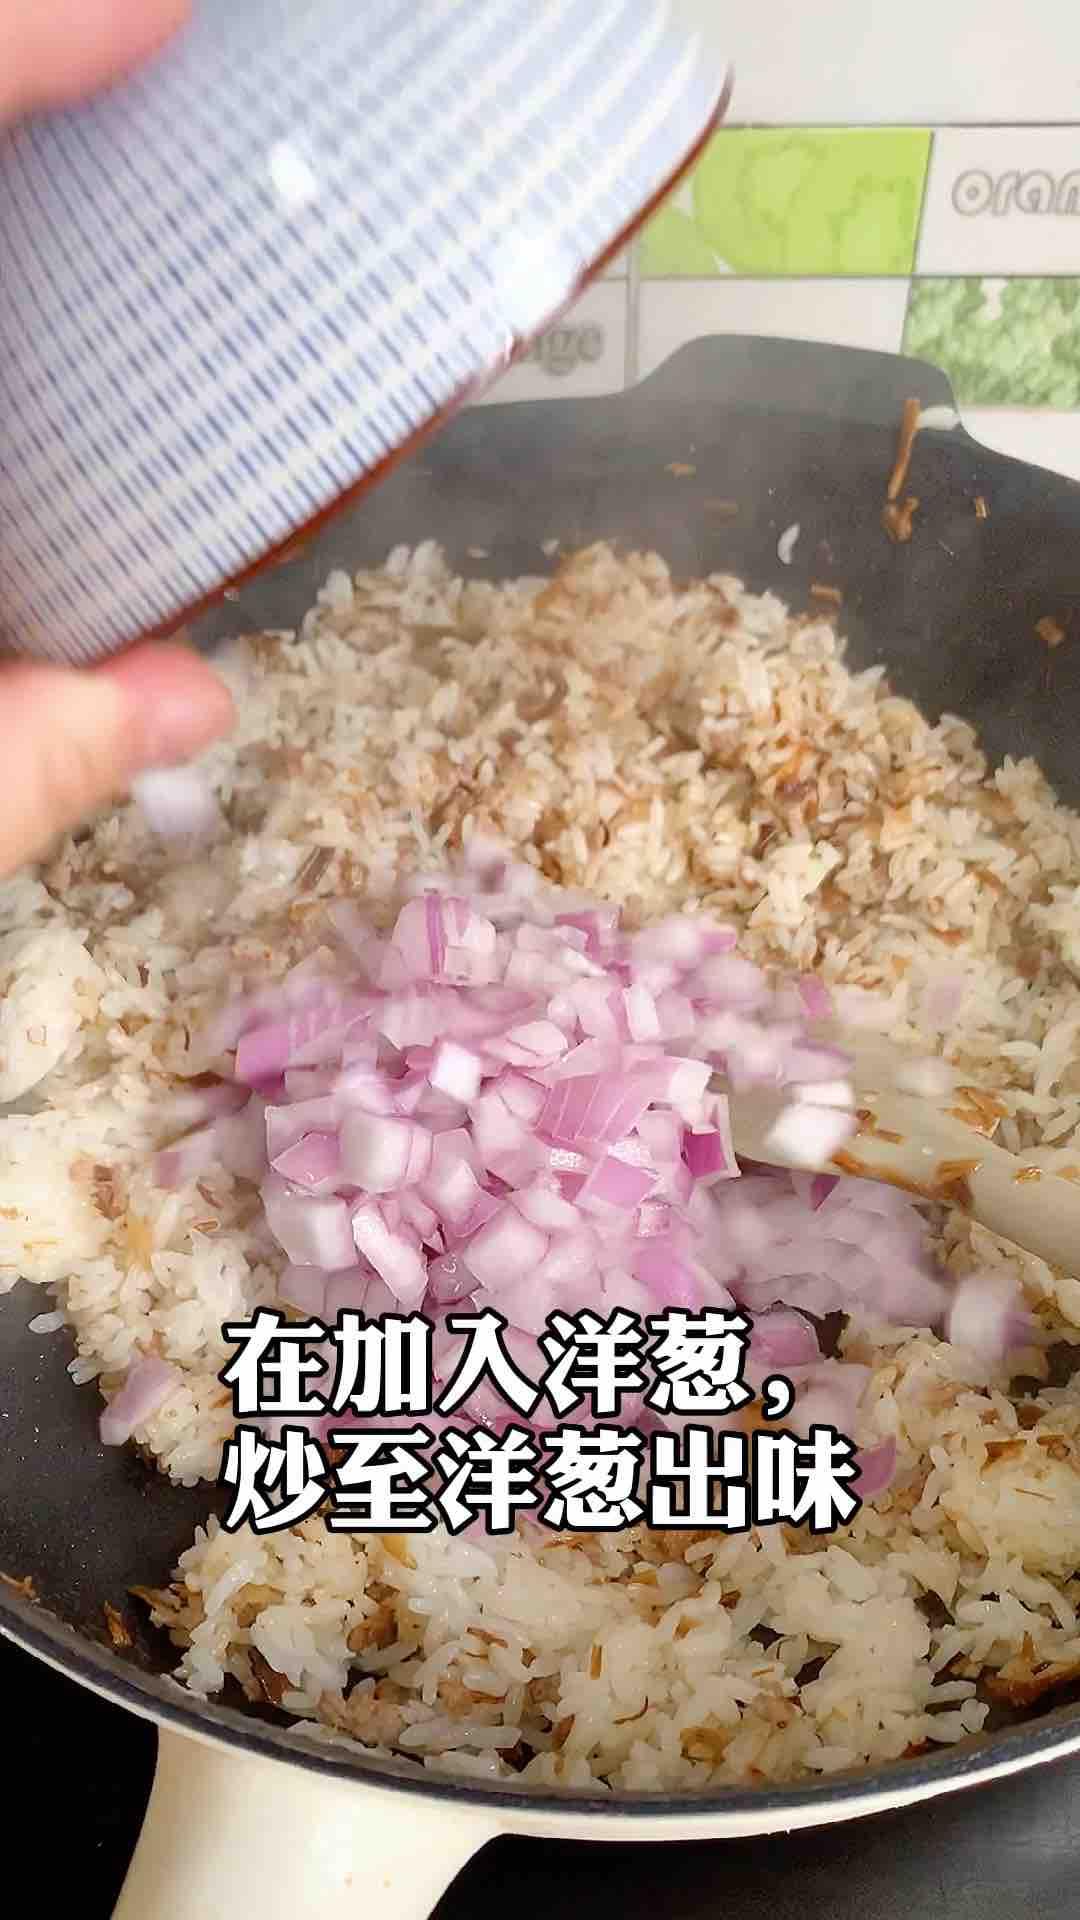 洋葱肉末炒饭怎么做